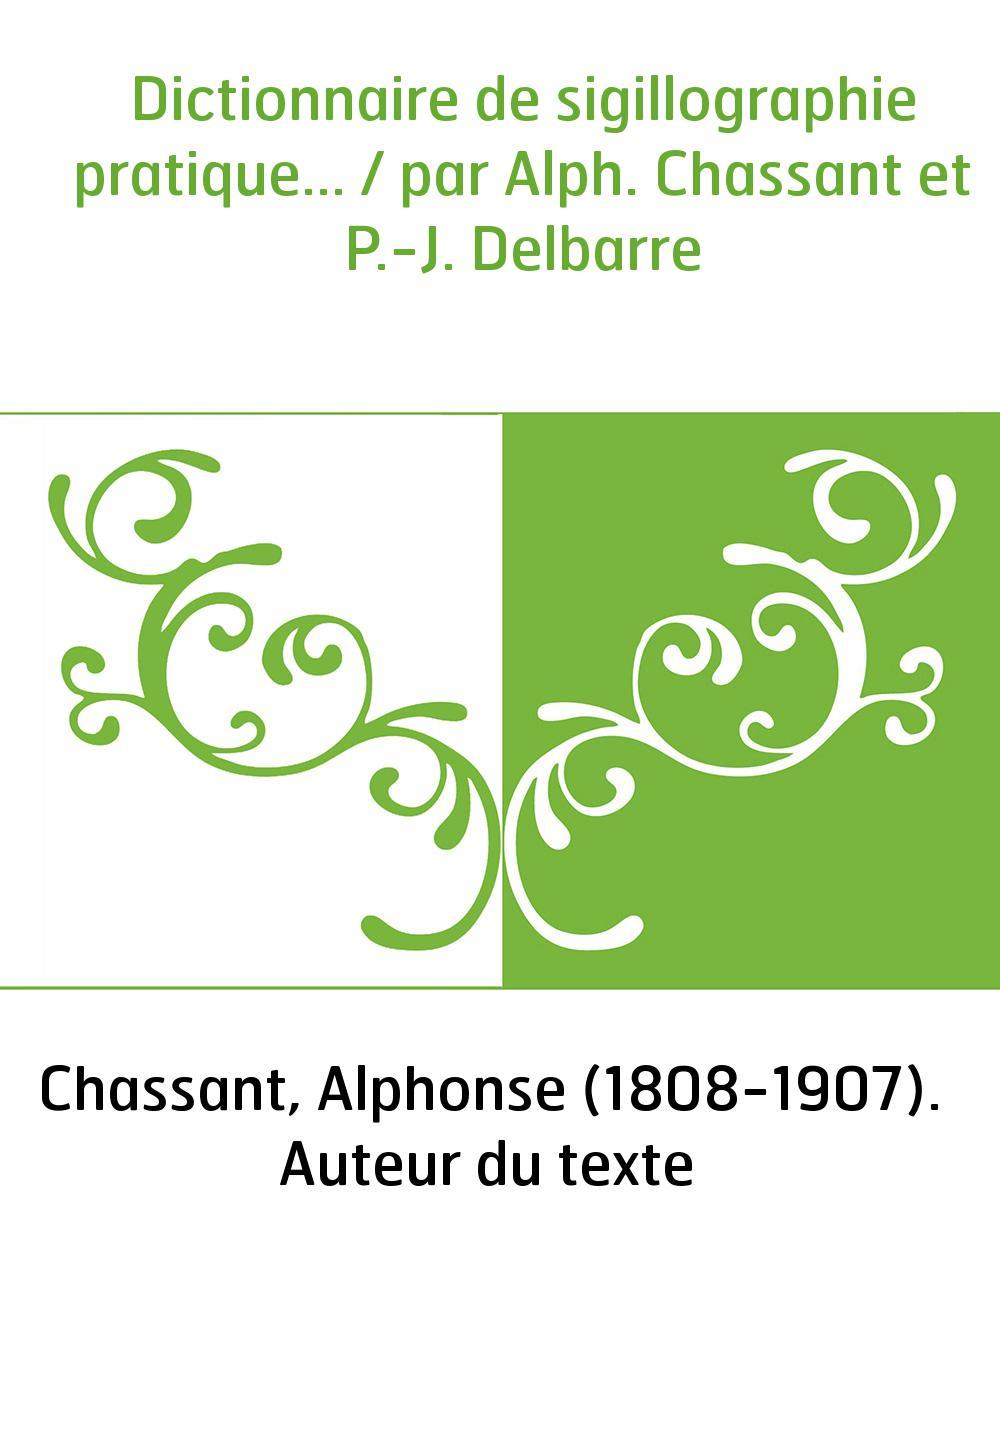 Dictionnaire de sigillographie pratique... / par Alph. Chassant et P.-J. Delbarre